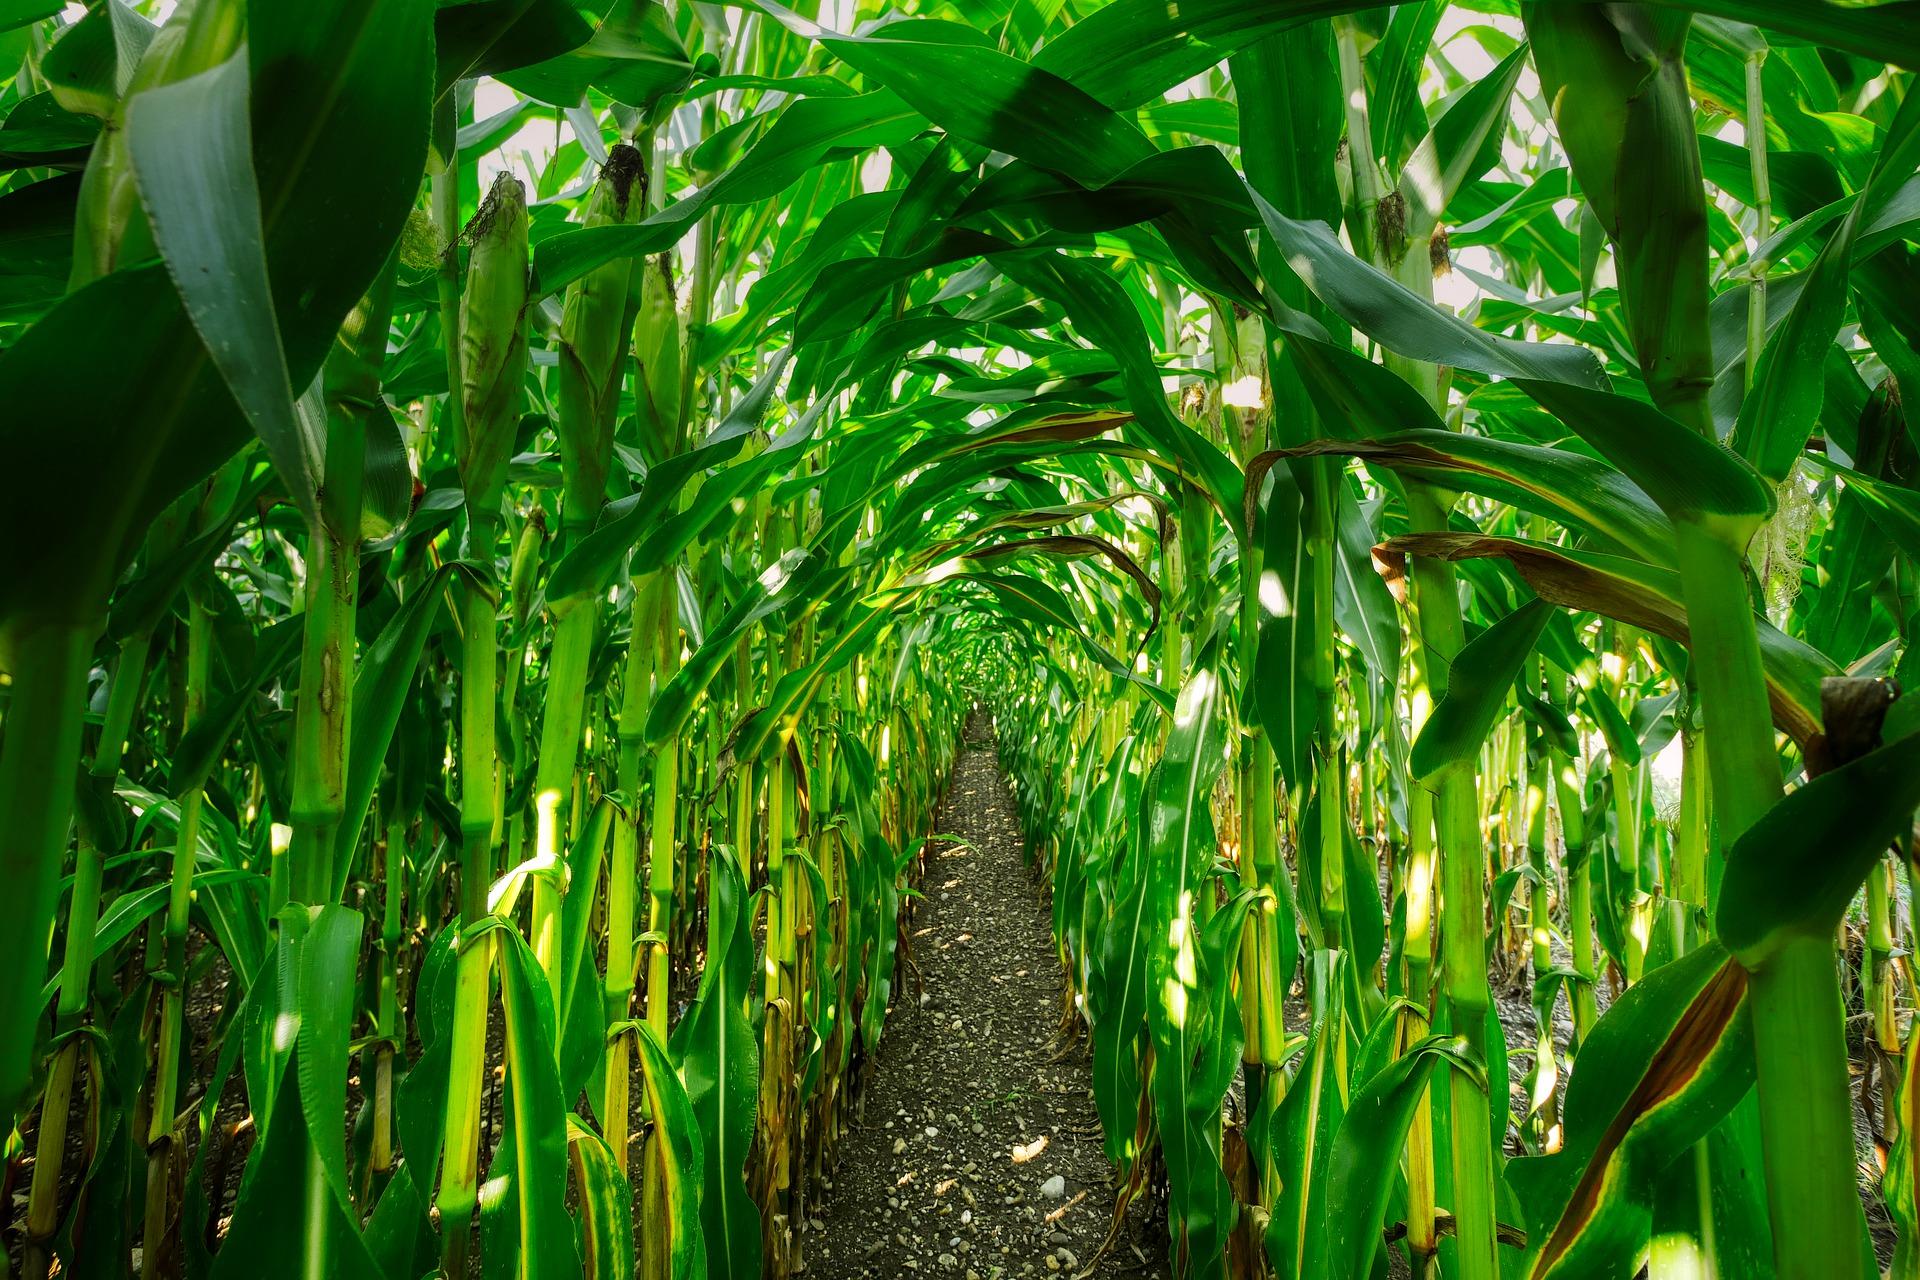 Maisfeld mit aufbereitetem Löschpulver als Dünger